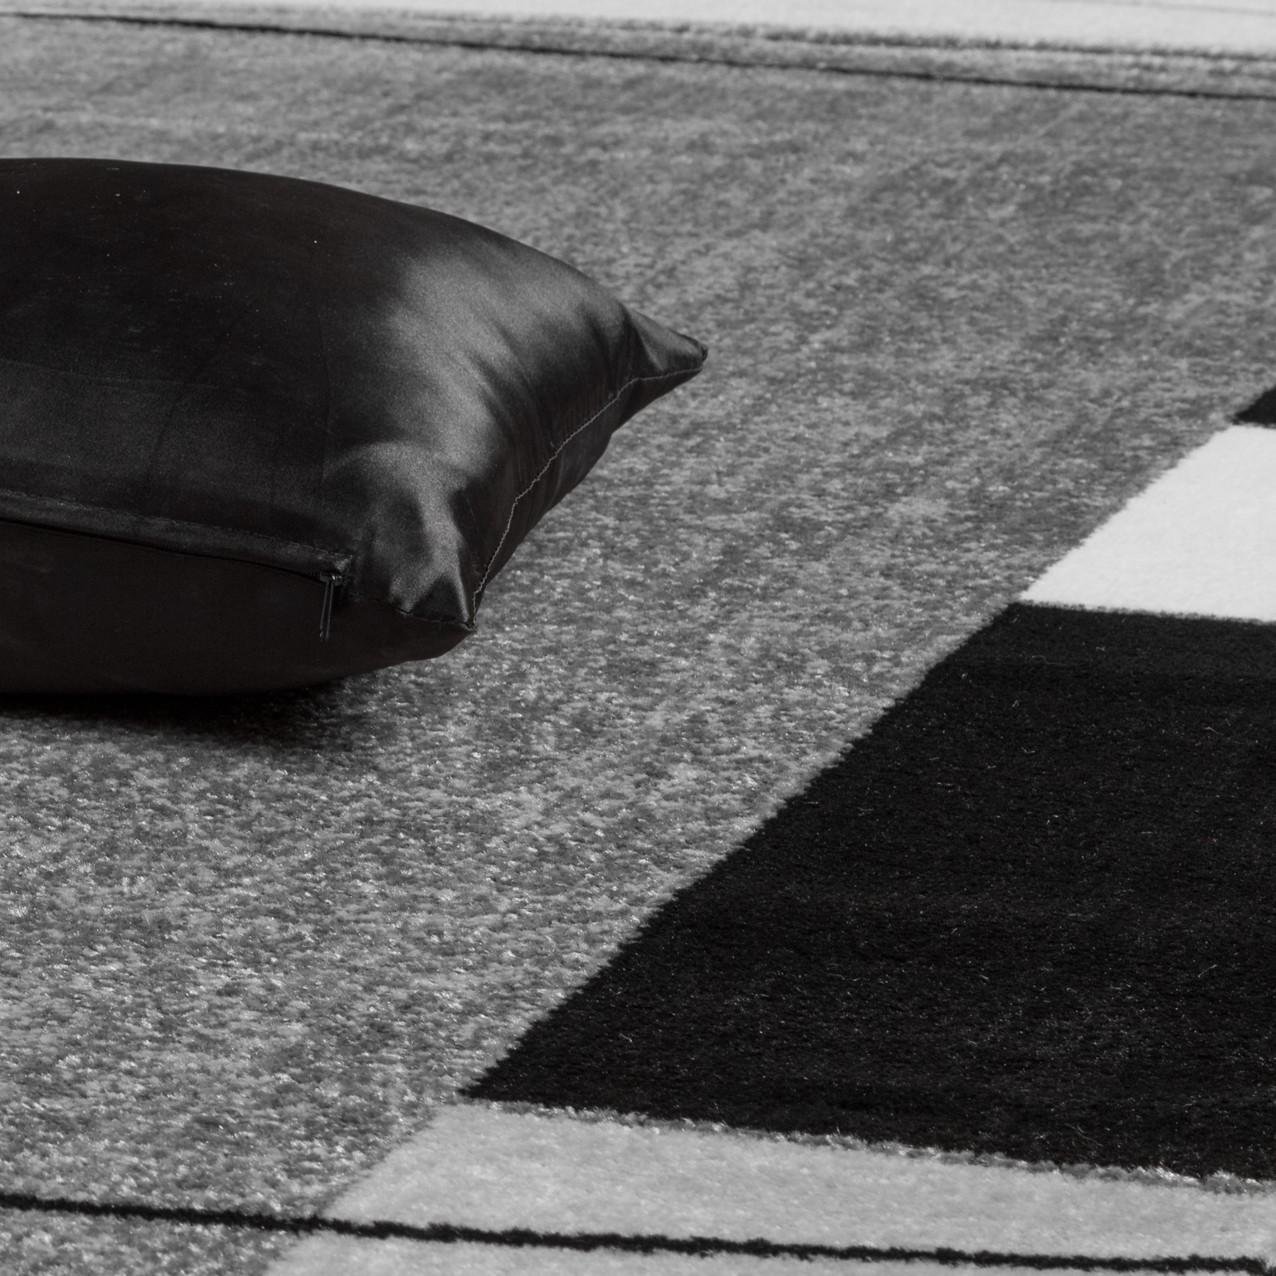 teppich g nstig bord re design modern wohnzimmerteppich grau schwarz top preis moderne teppiche. Black Bedroom Furniture Sets. Home Design Ideas